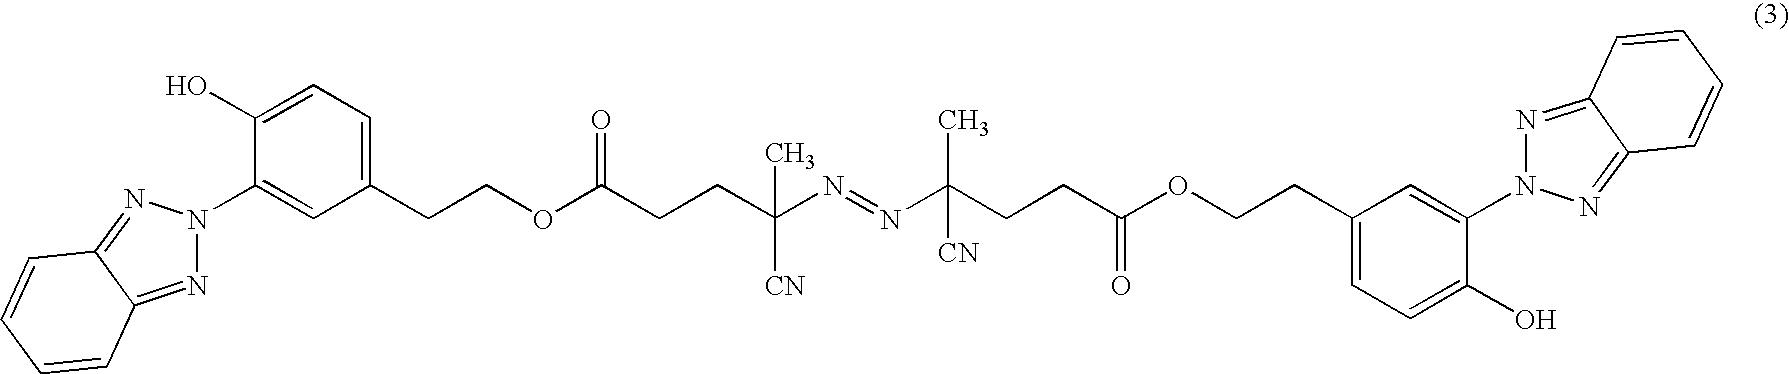 Figure US07709652-20100504-C00004